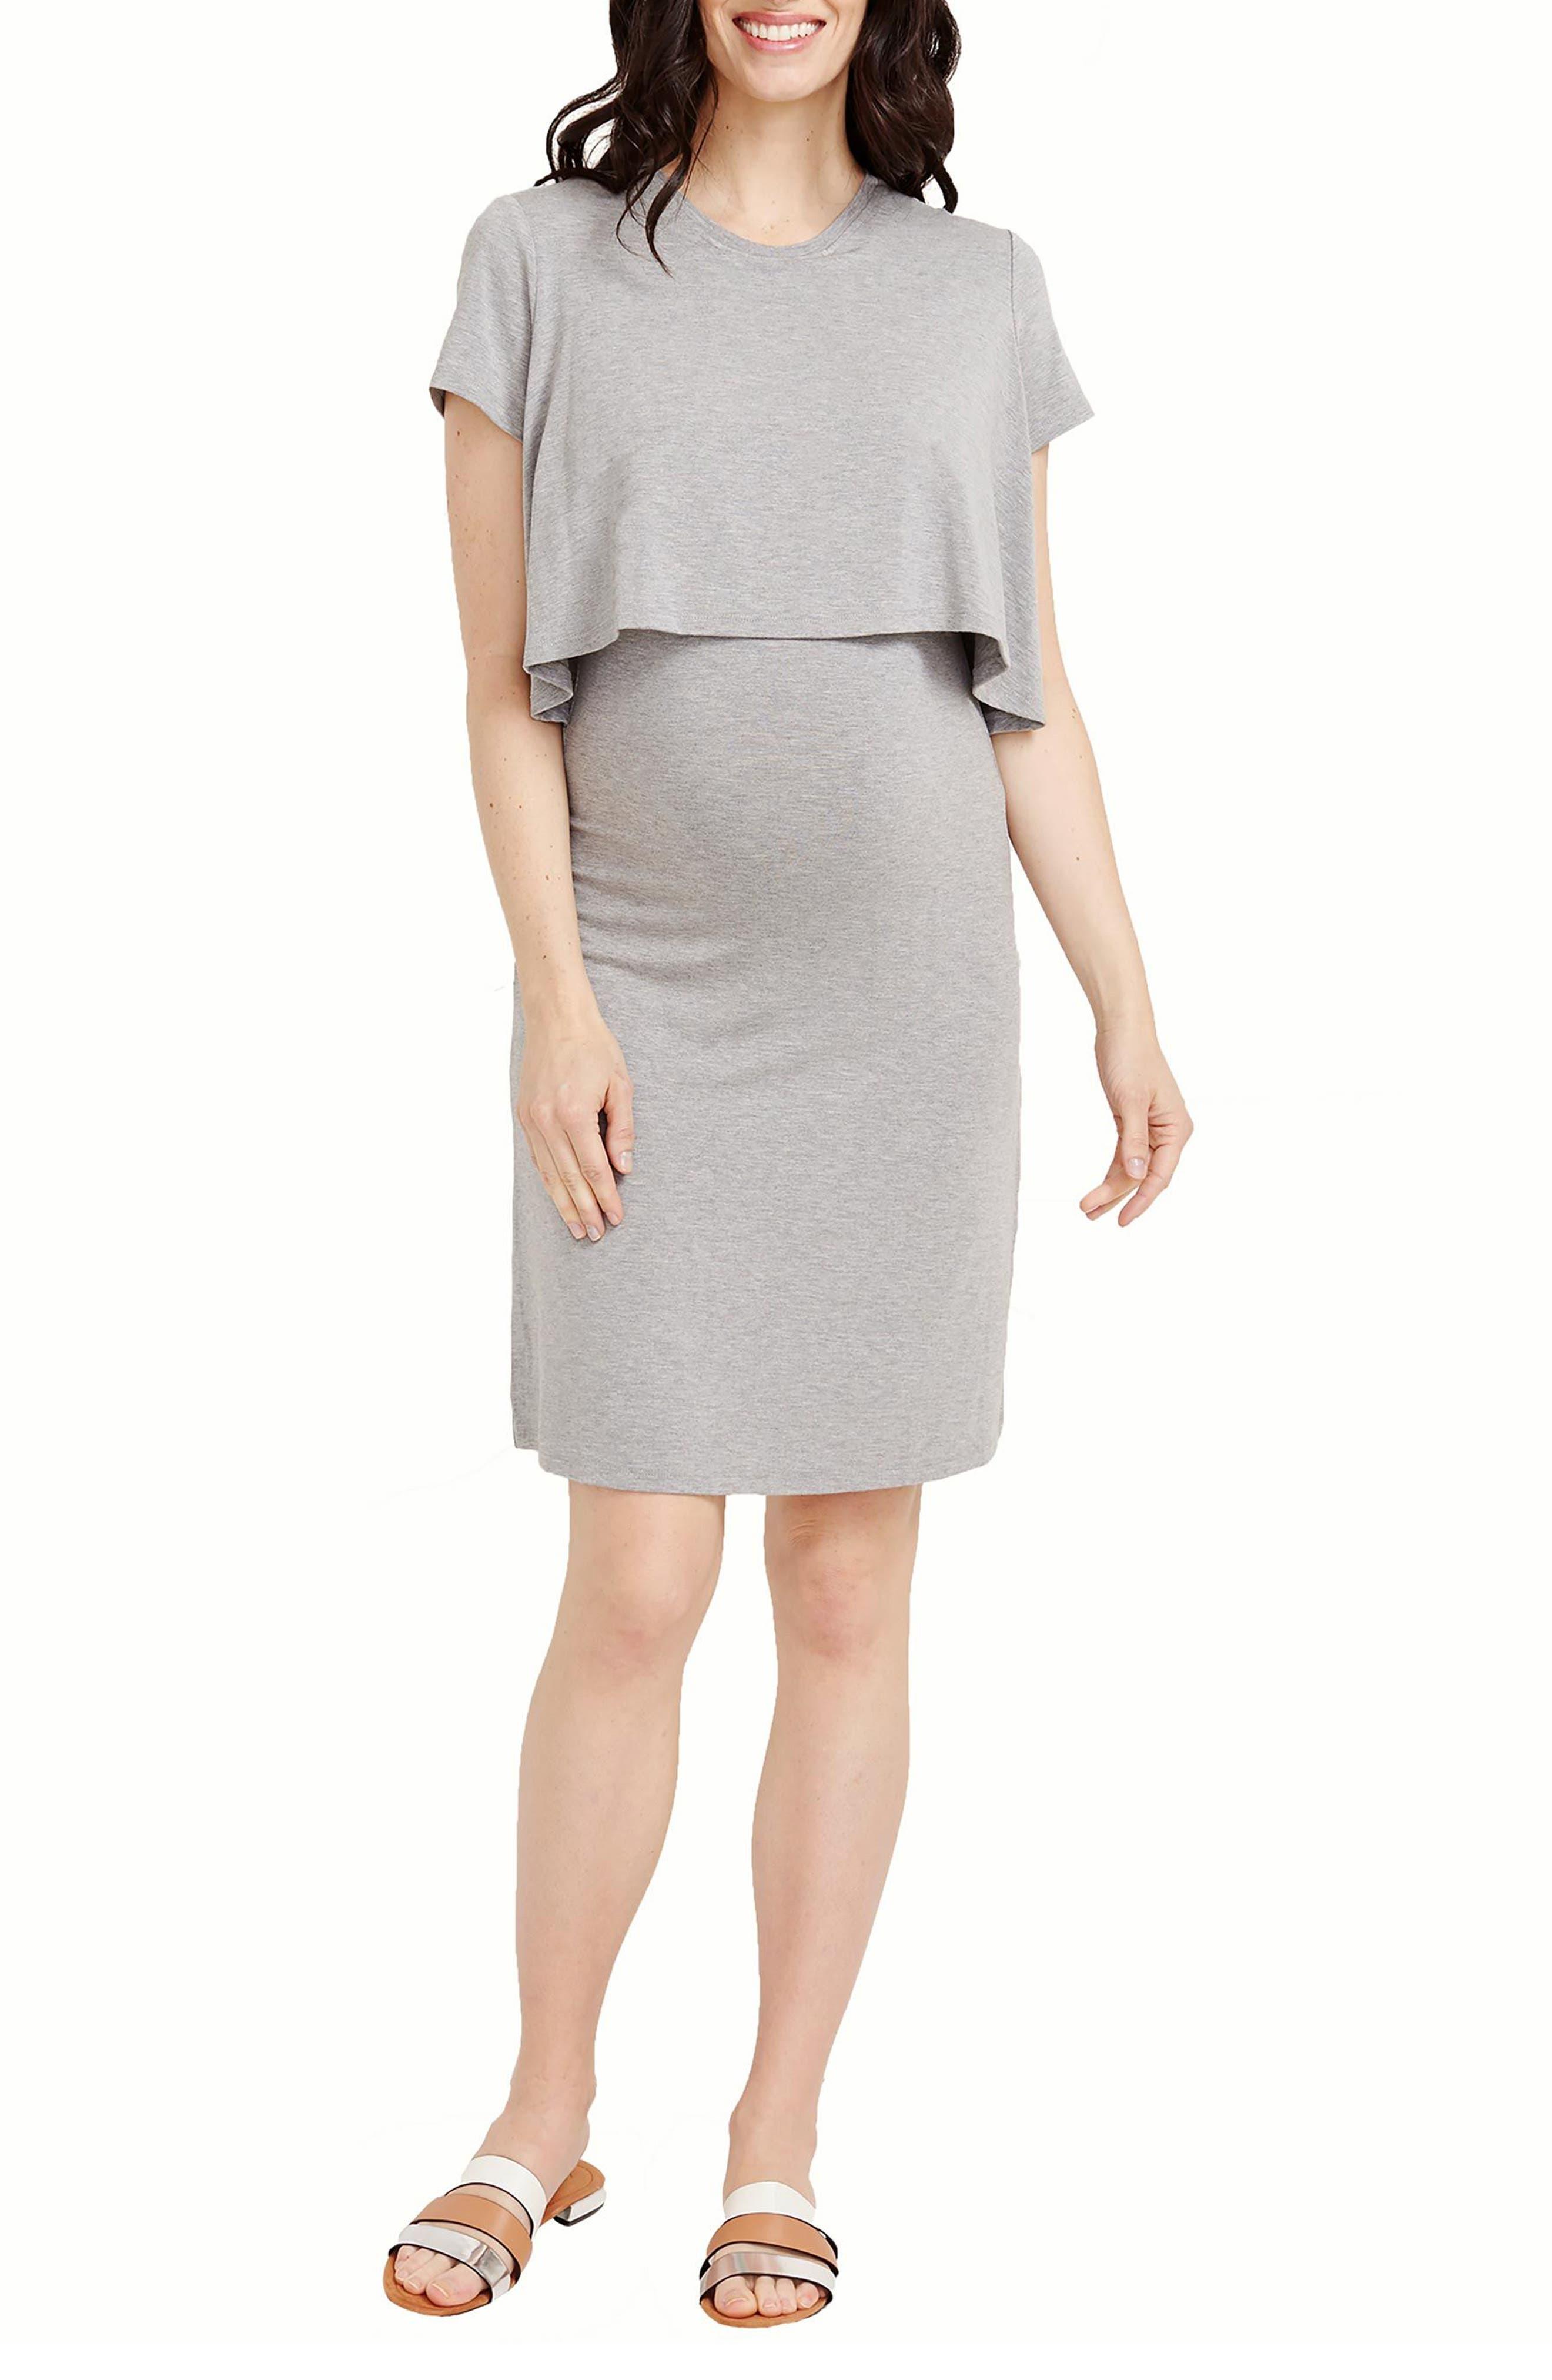 Rosie Pope Anita Popover Maternity Dress